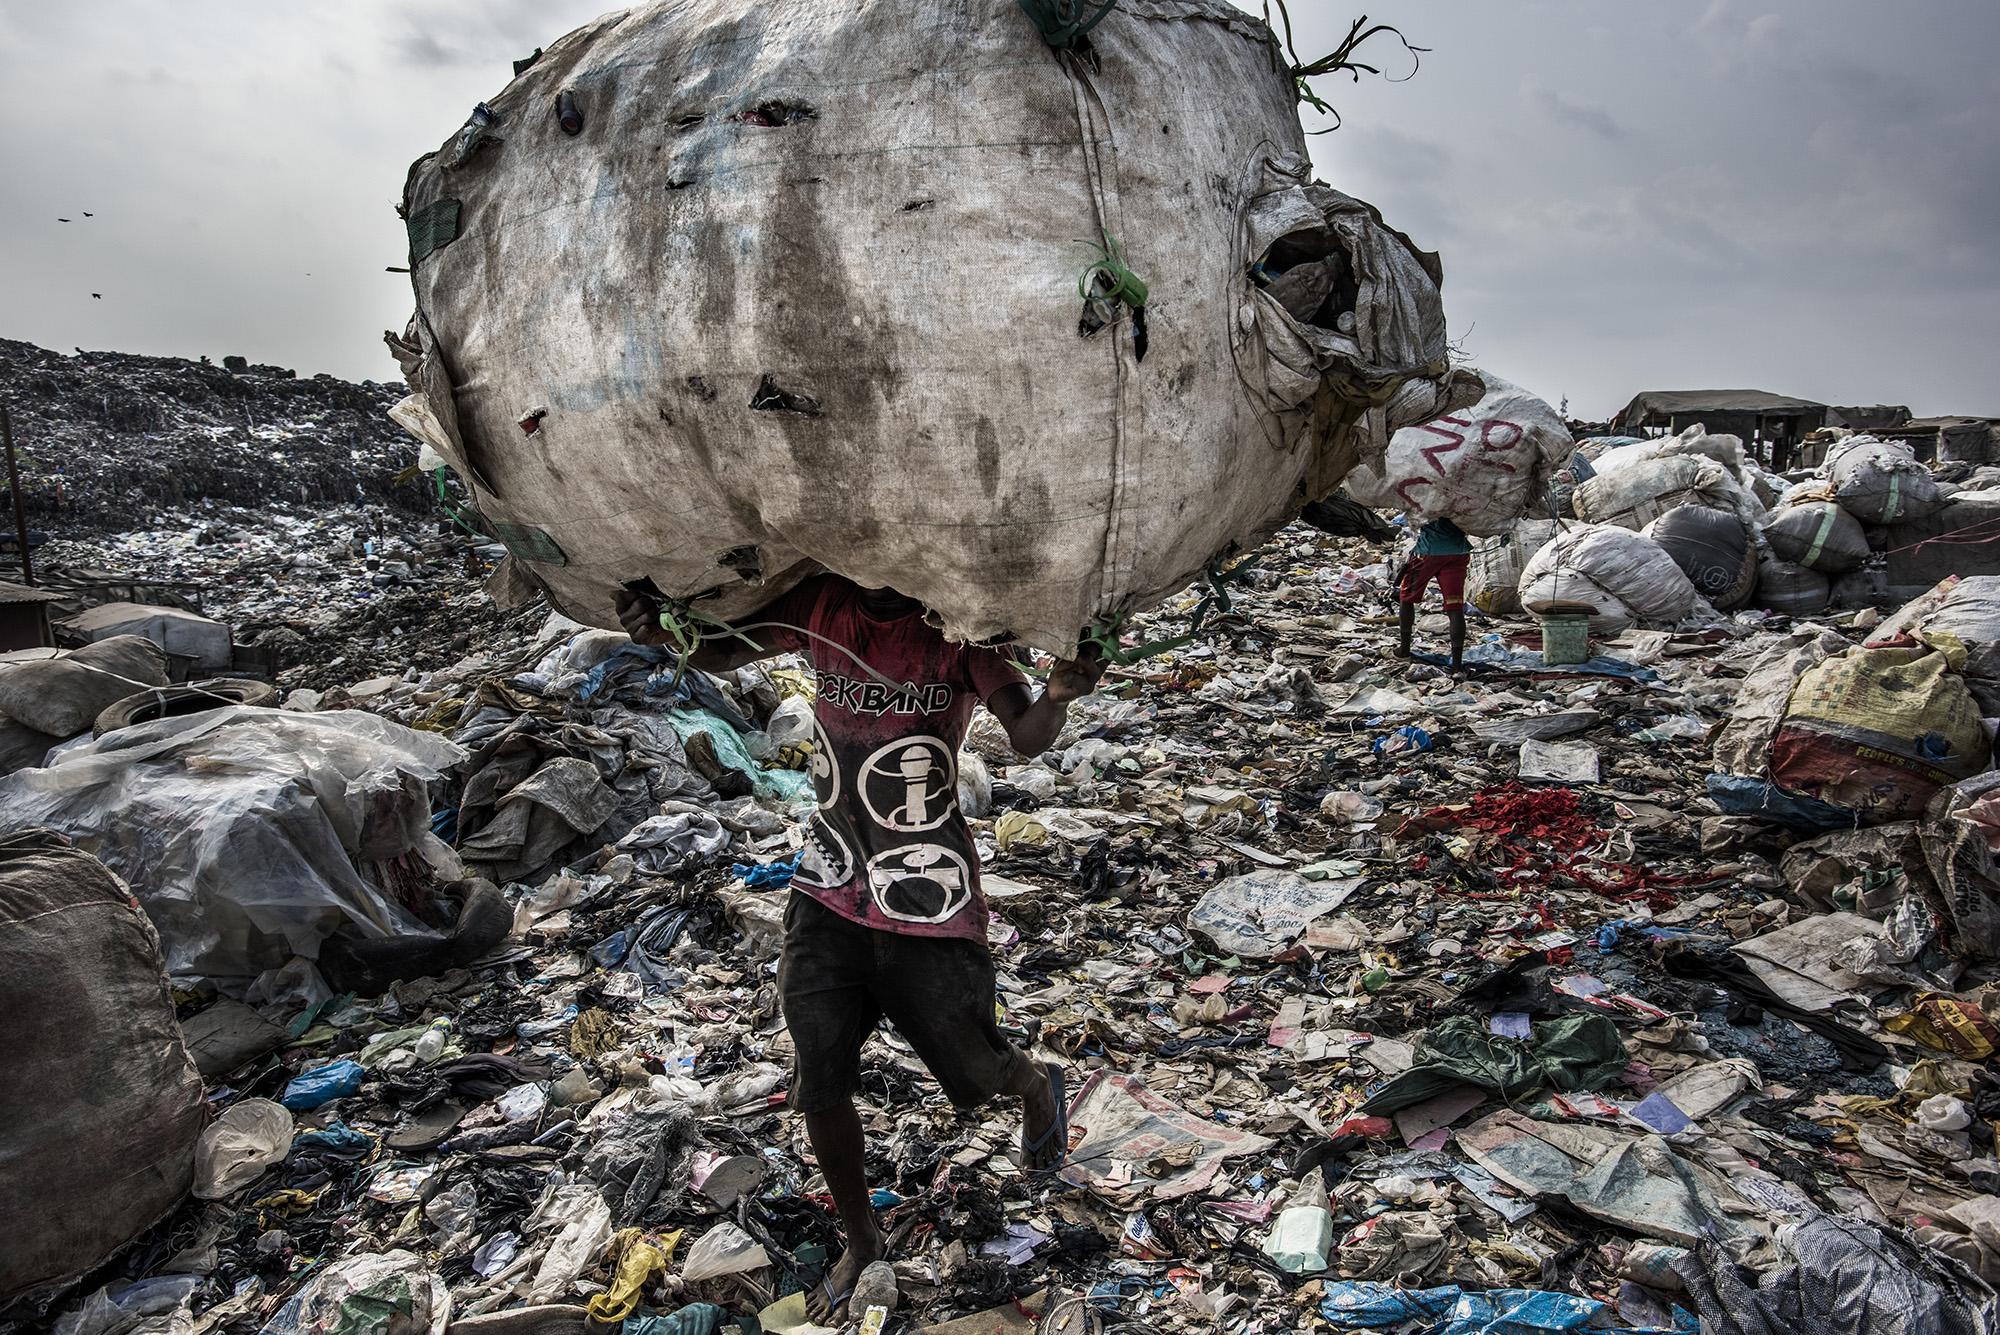 foto van Kadir van Lohuizen van een man met een zak met afval op zijn rug op een vuilnisbelt